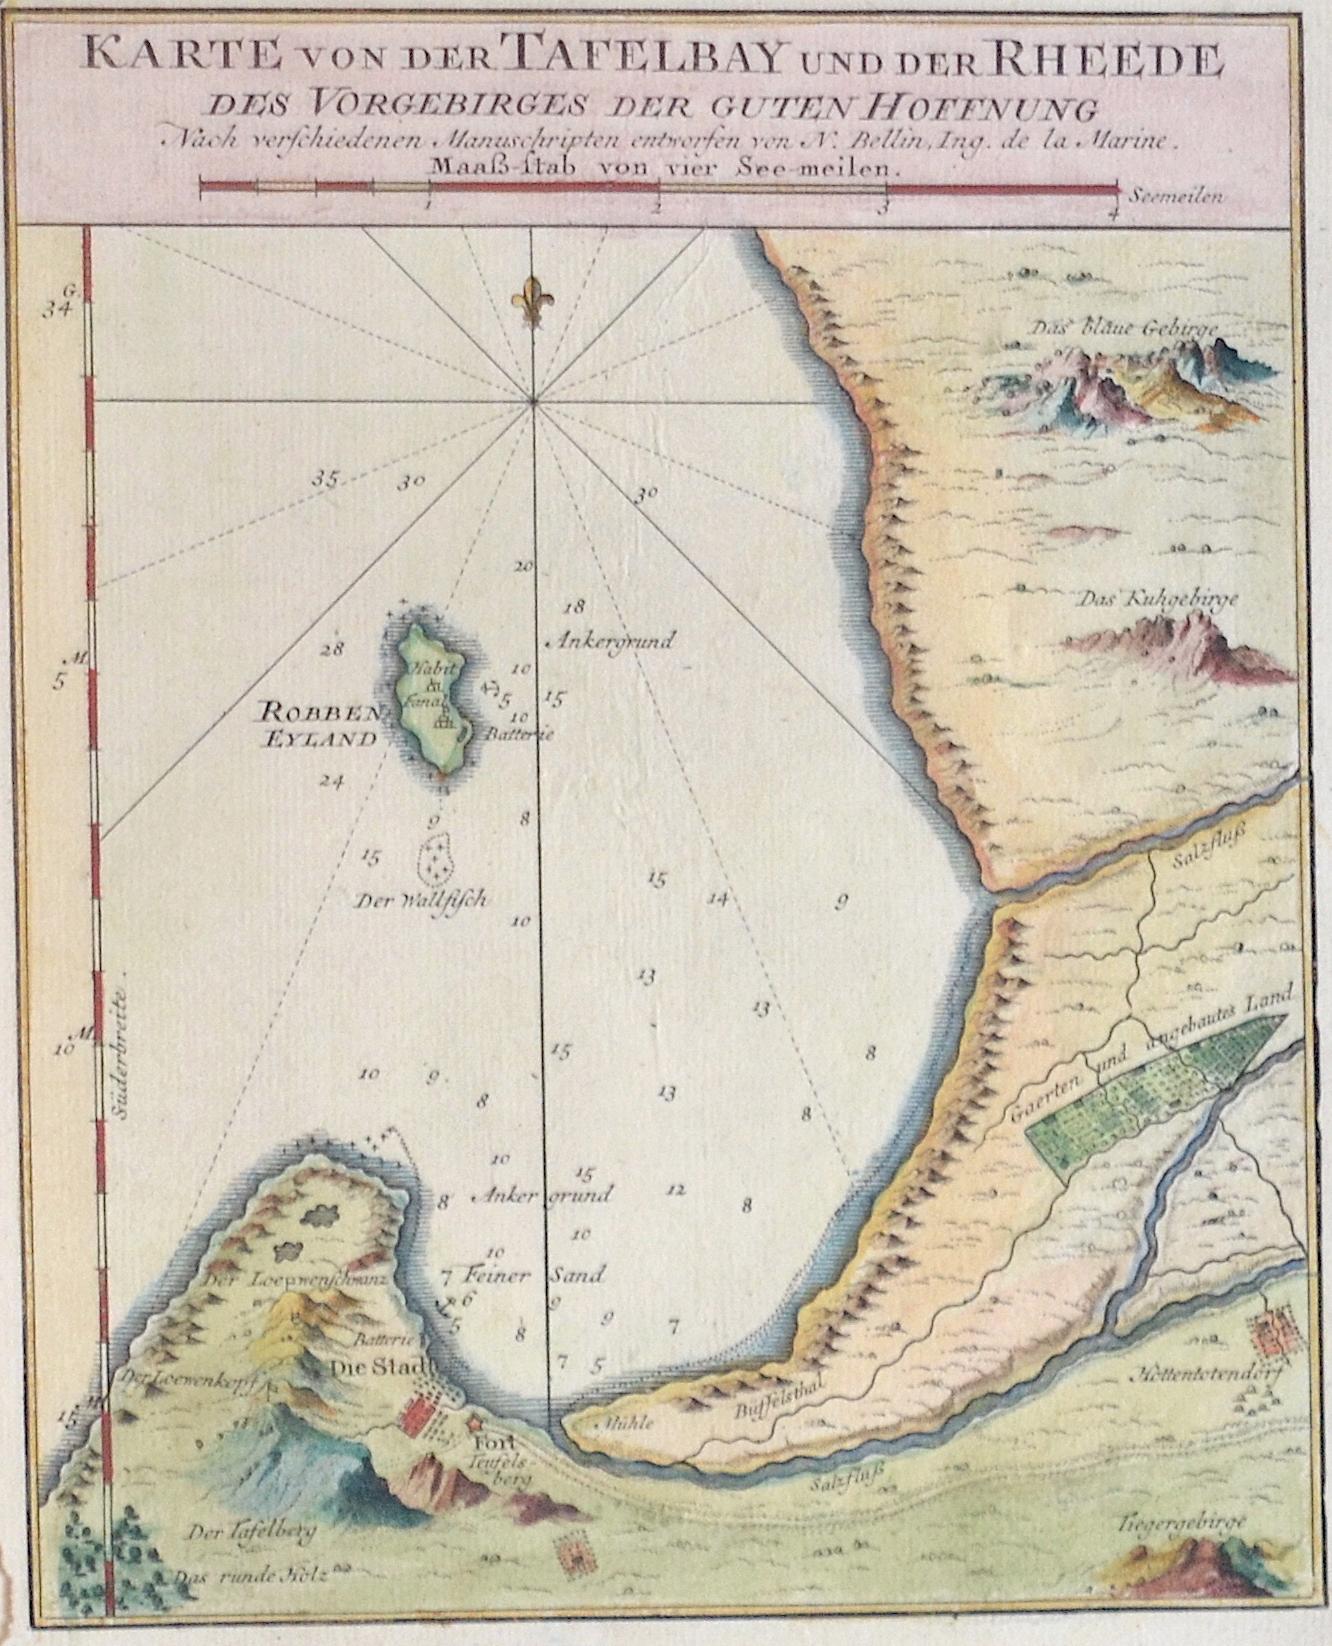 Bellin  Karte von der Tafelbay und der Rheede des Vorgebirges der Guten Hoffnung